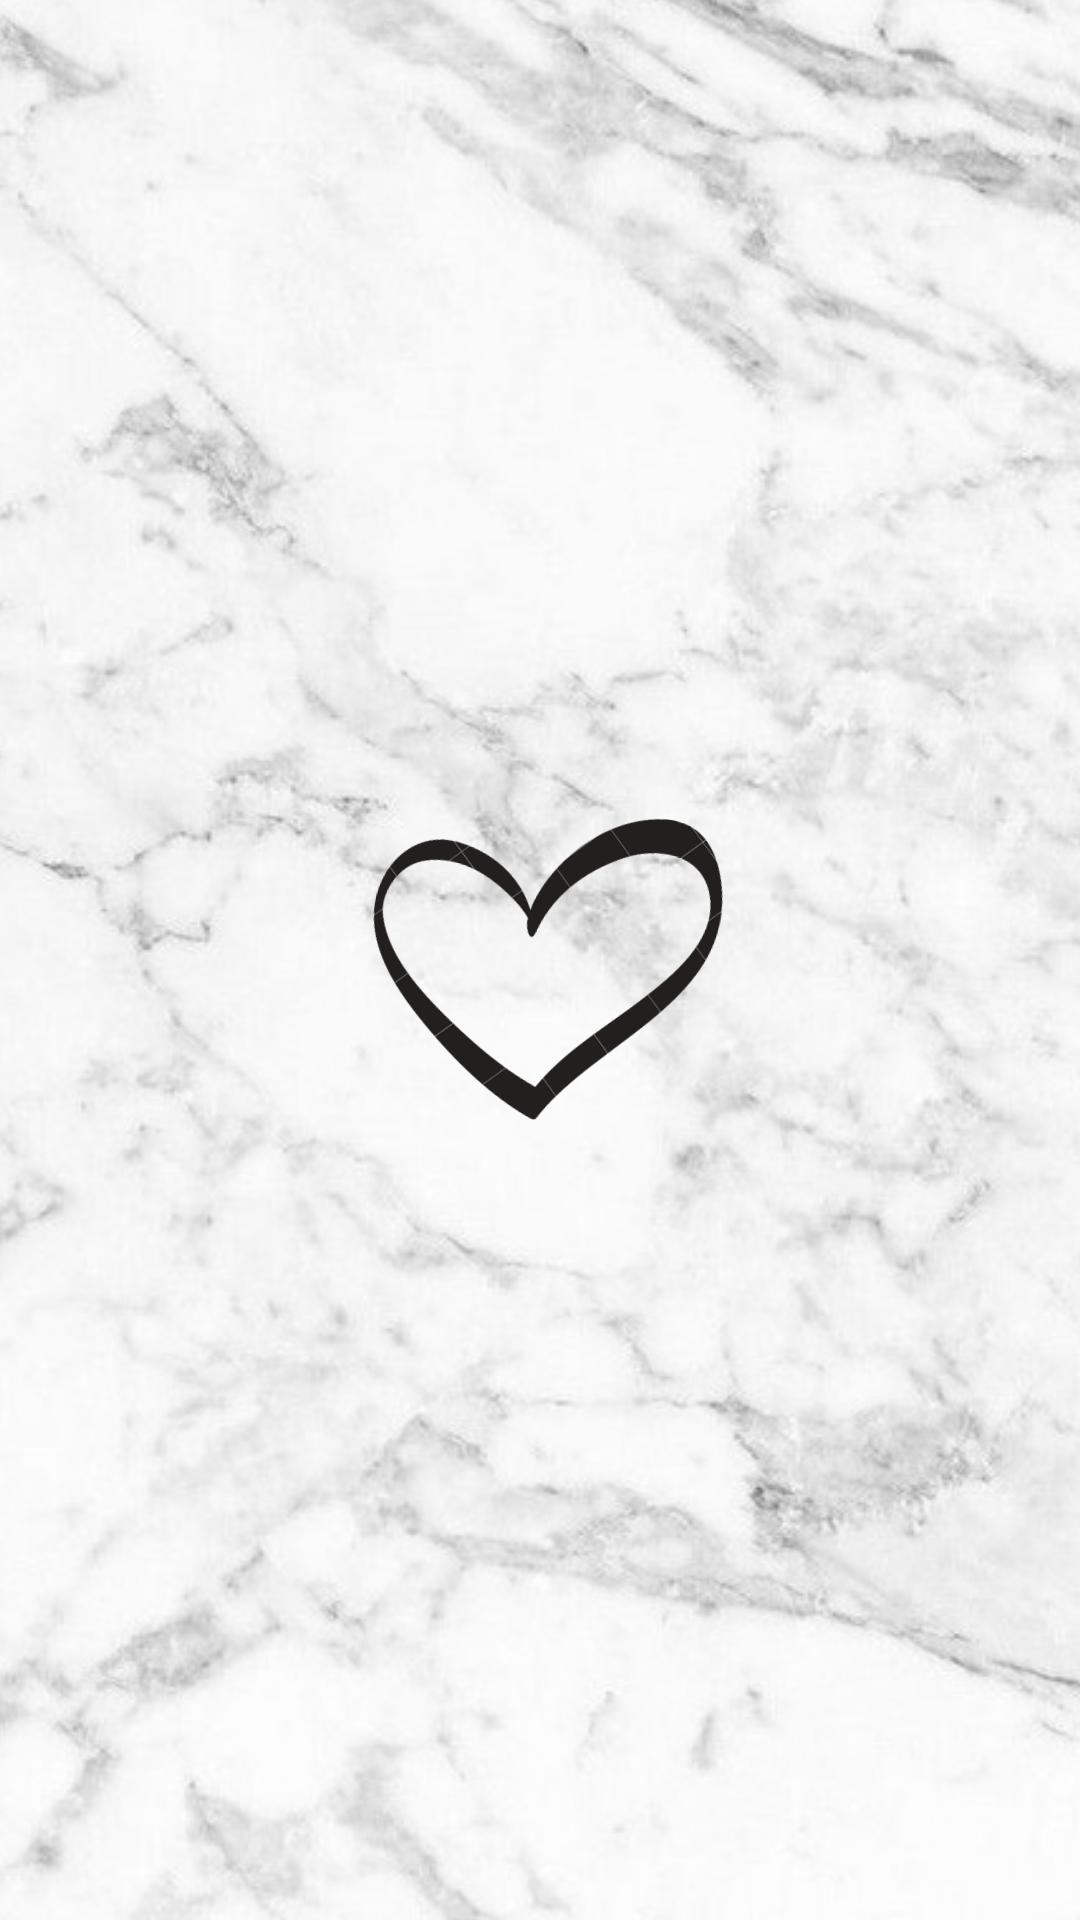 Hailey lebaron adlı kullanıcının Instagram story covers